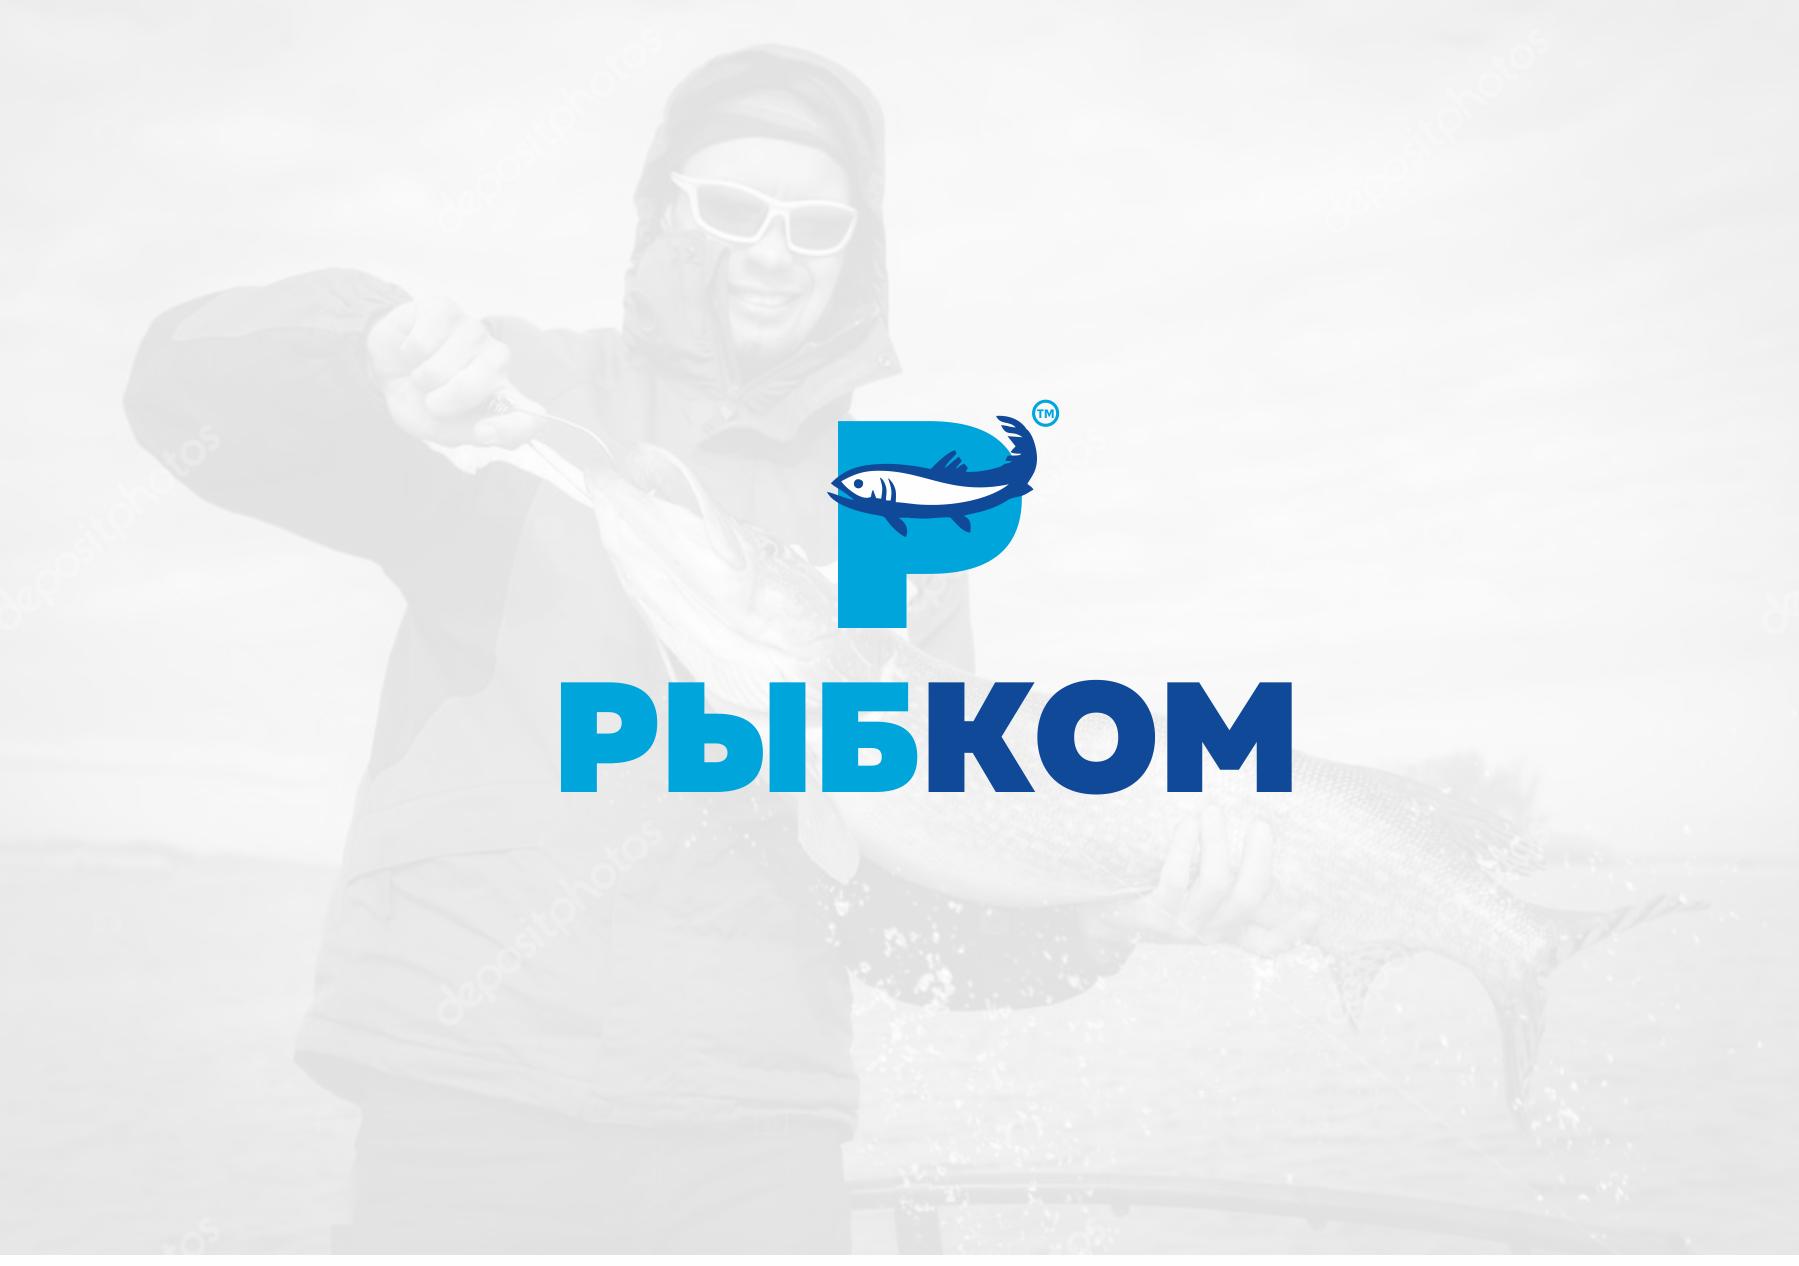 Создание логотипа и брэндбука для компании РЫБКОМ фото f_9125c124a45dcdbf.png